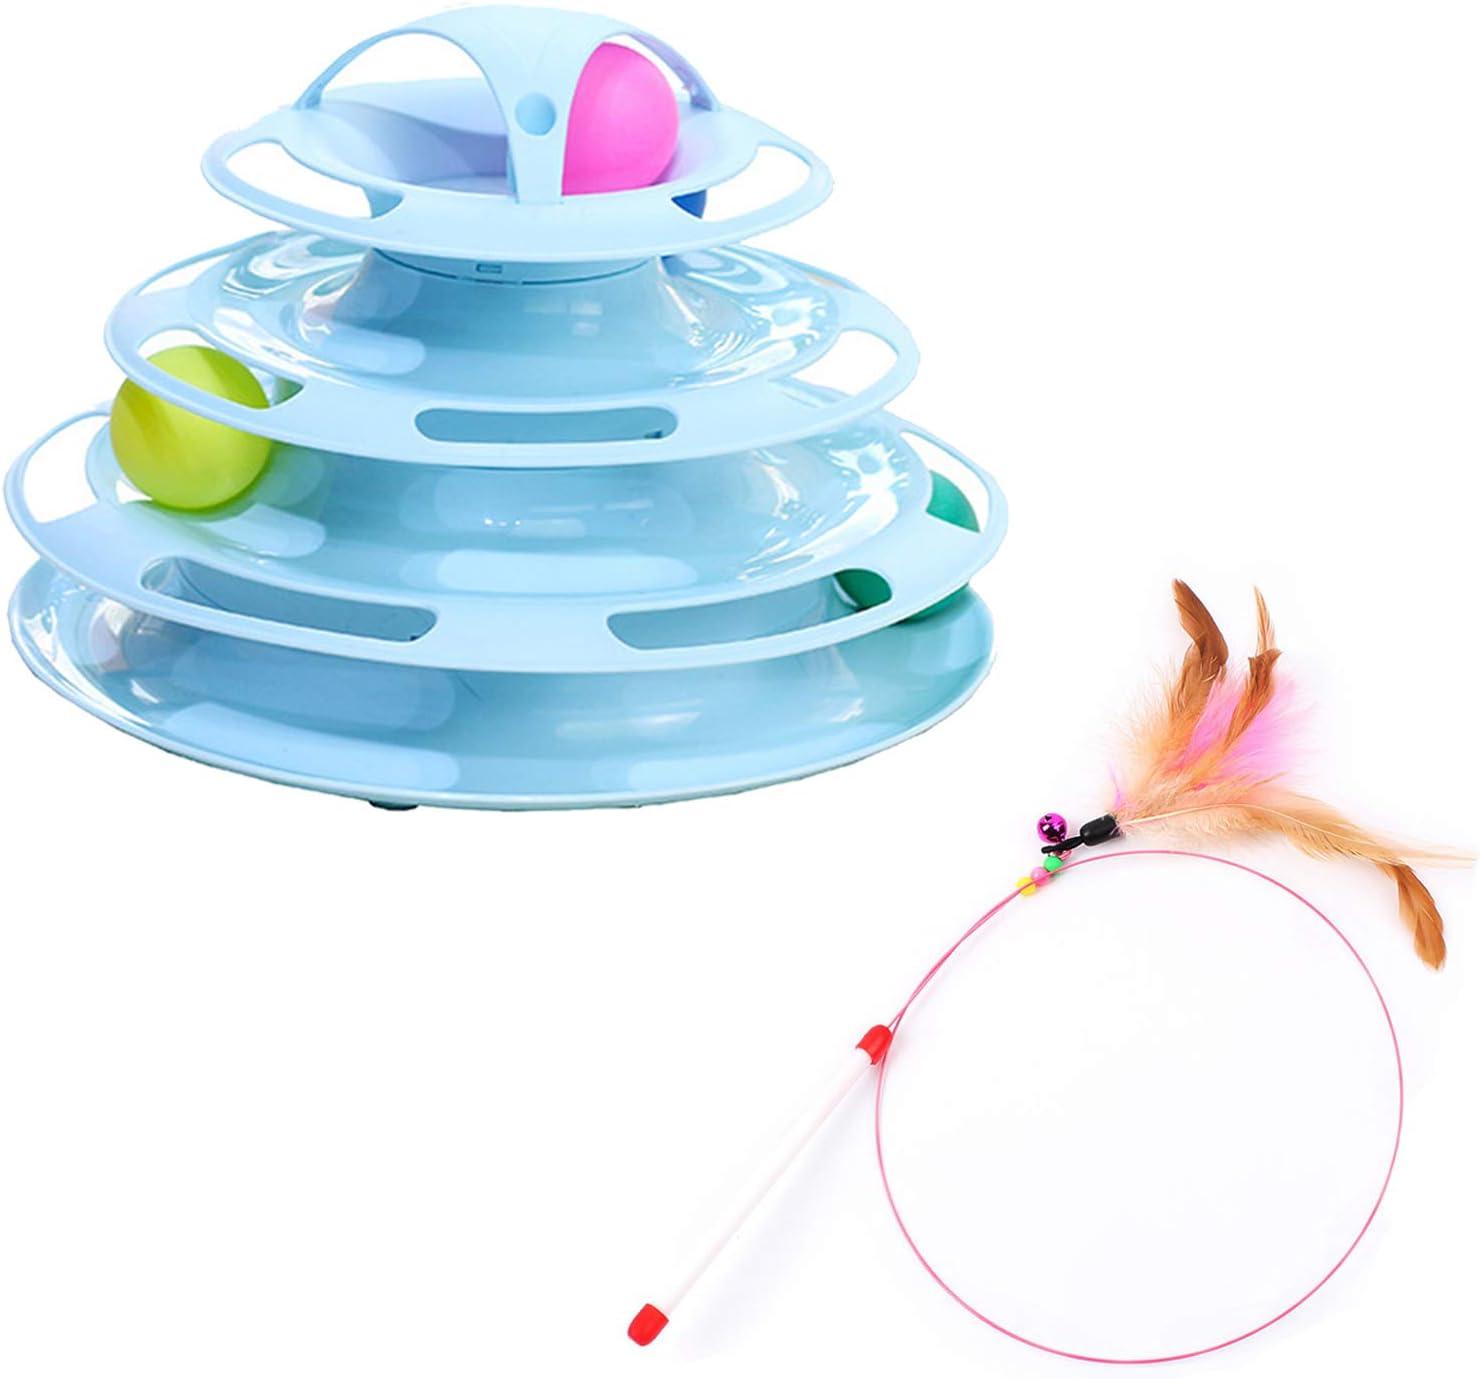 LLOVER Juguete para Gatos Y Palo De Gato Divertido, Juguete Interactivo para Gatos 4 Torres De Nivel Rieles Rodillo con 4 Bolas De Colores, Material PP (Azul Rosa)